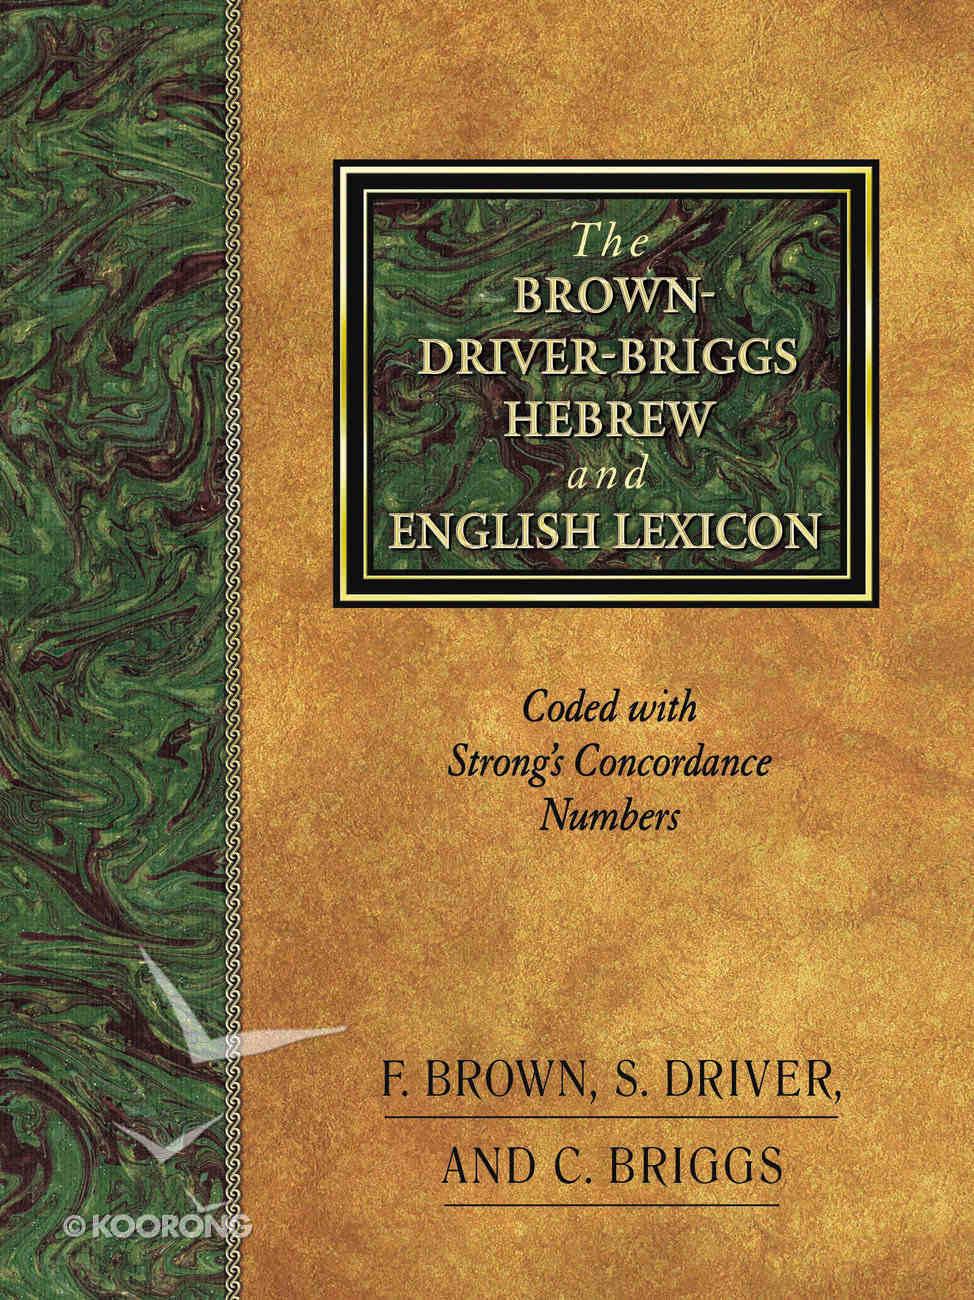 Brown Driver Briggs Hebrew English Lexicon Hardback